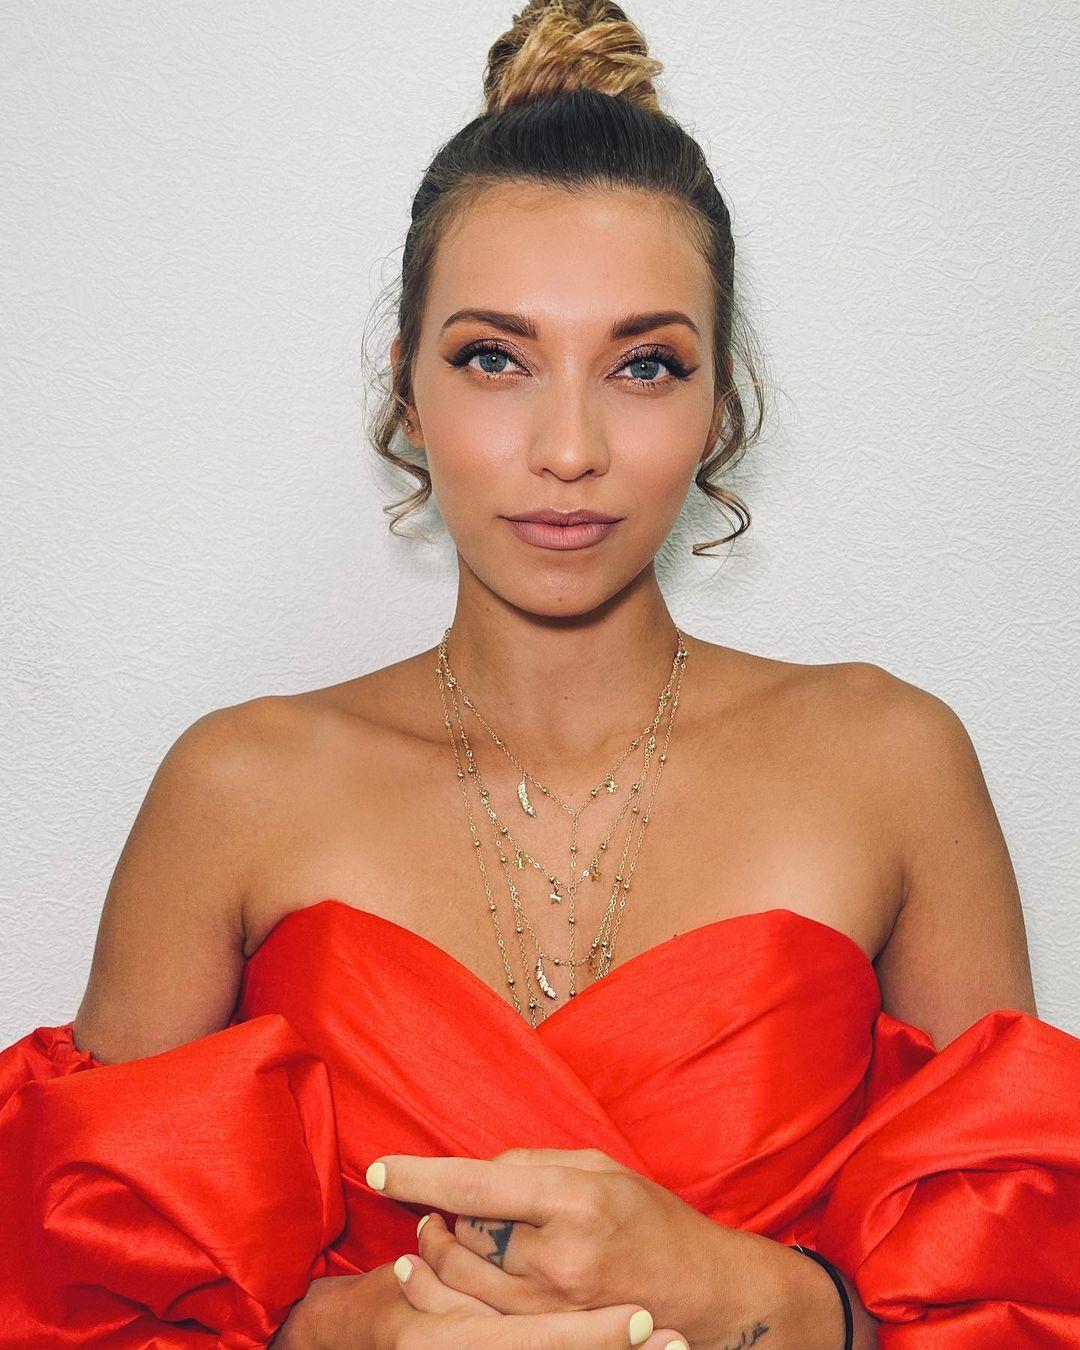 Регину Тодоренко нещадно раскритиковали за неудачный образ